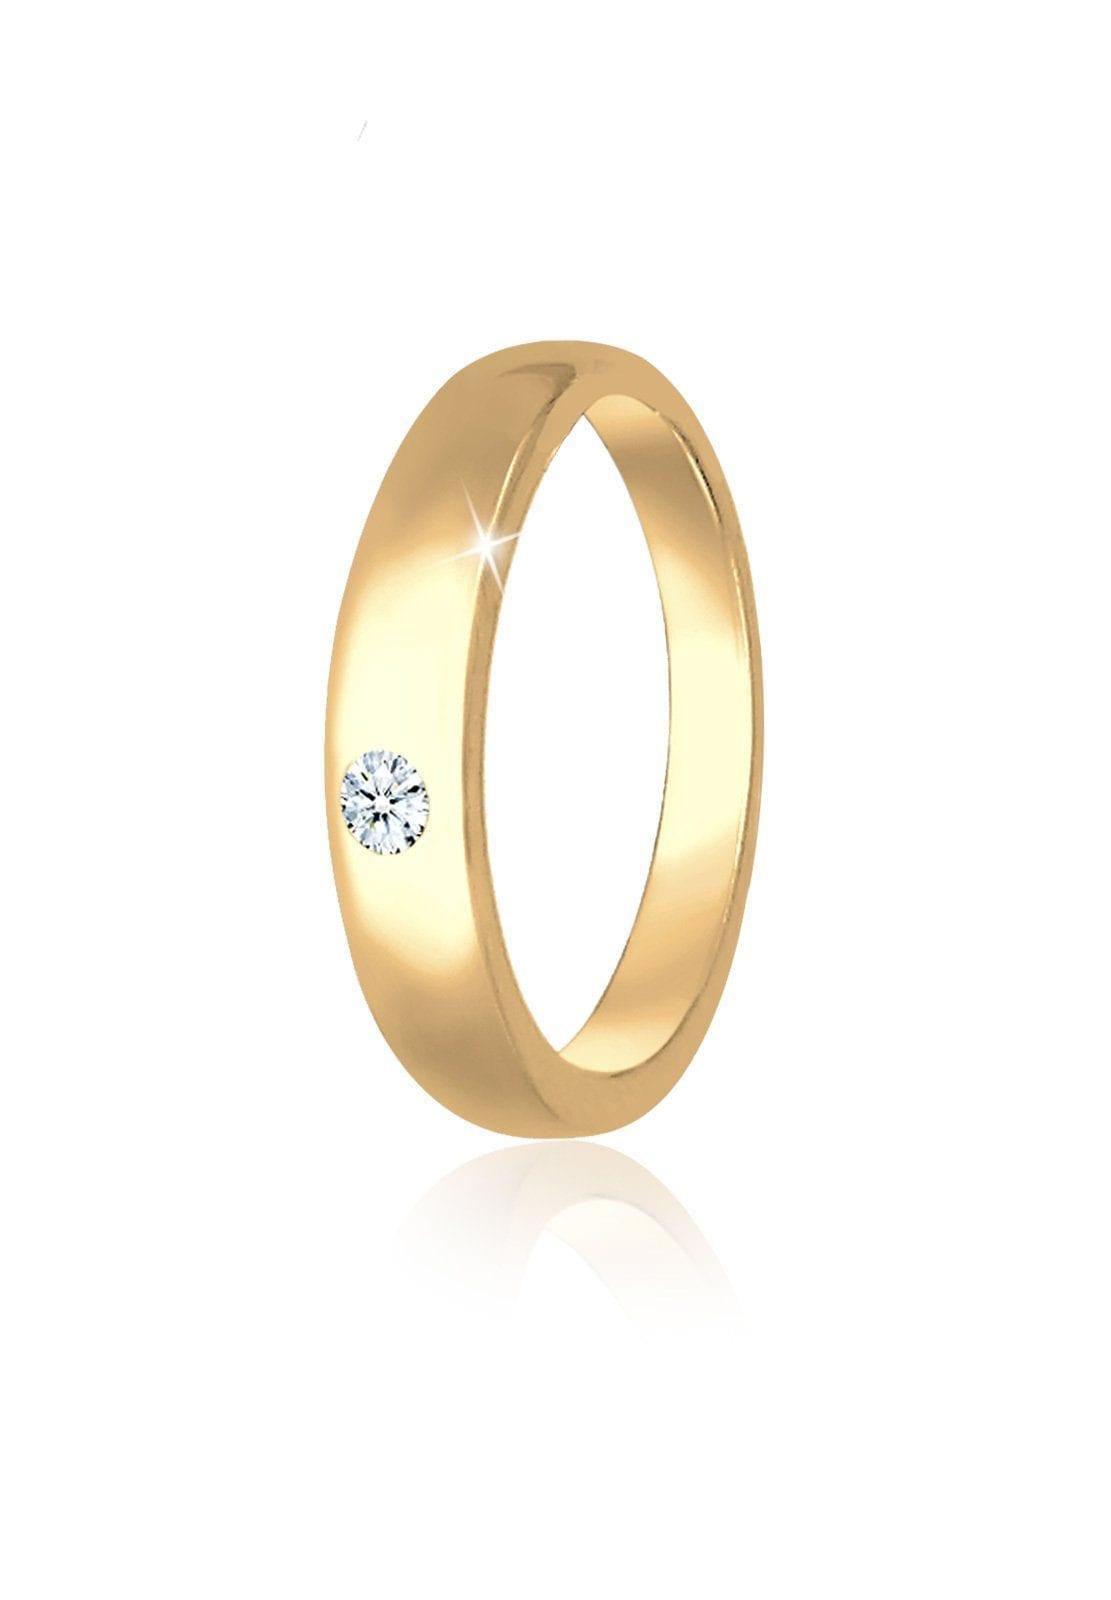 Elli Kettenanhänger Kinder Taufring Diamant (001 ct) 585 Gelbgold   Schmuck > Halsketten   Elli